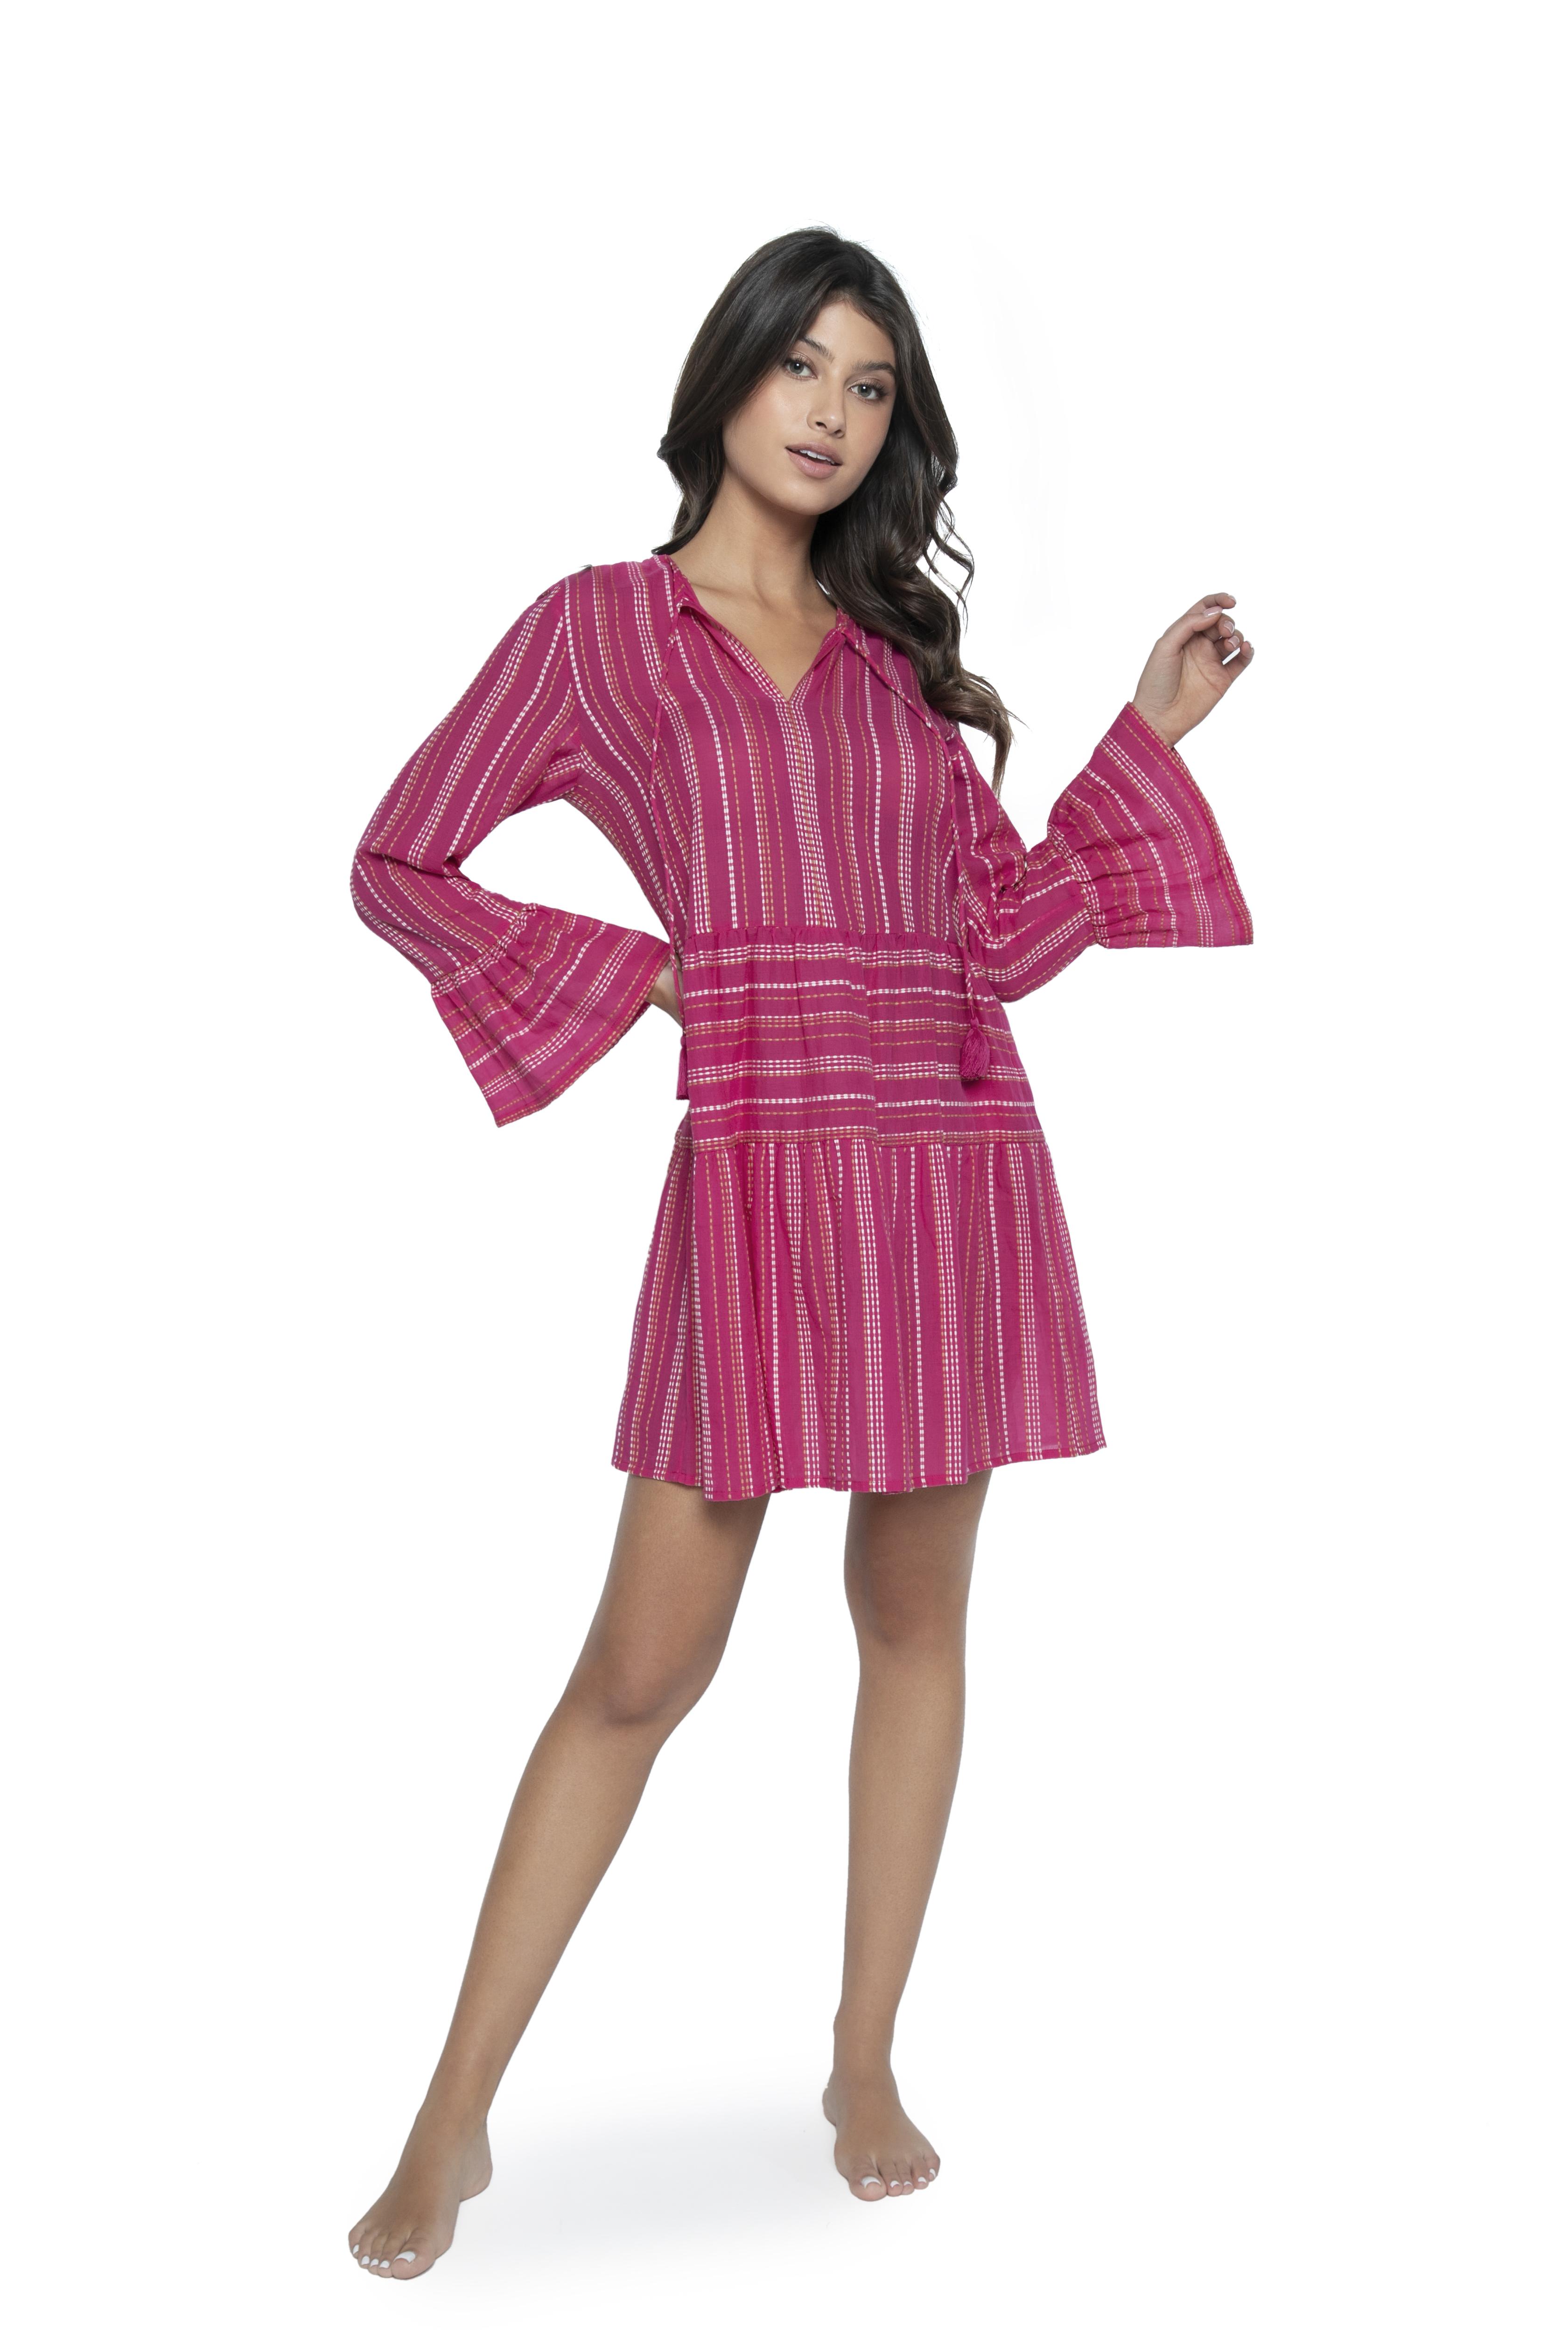 Pilyq Swim Pink Topaz Morgan Dress